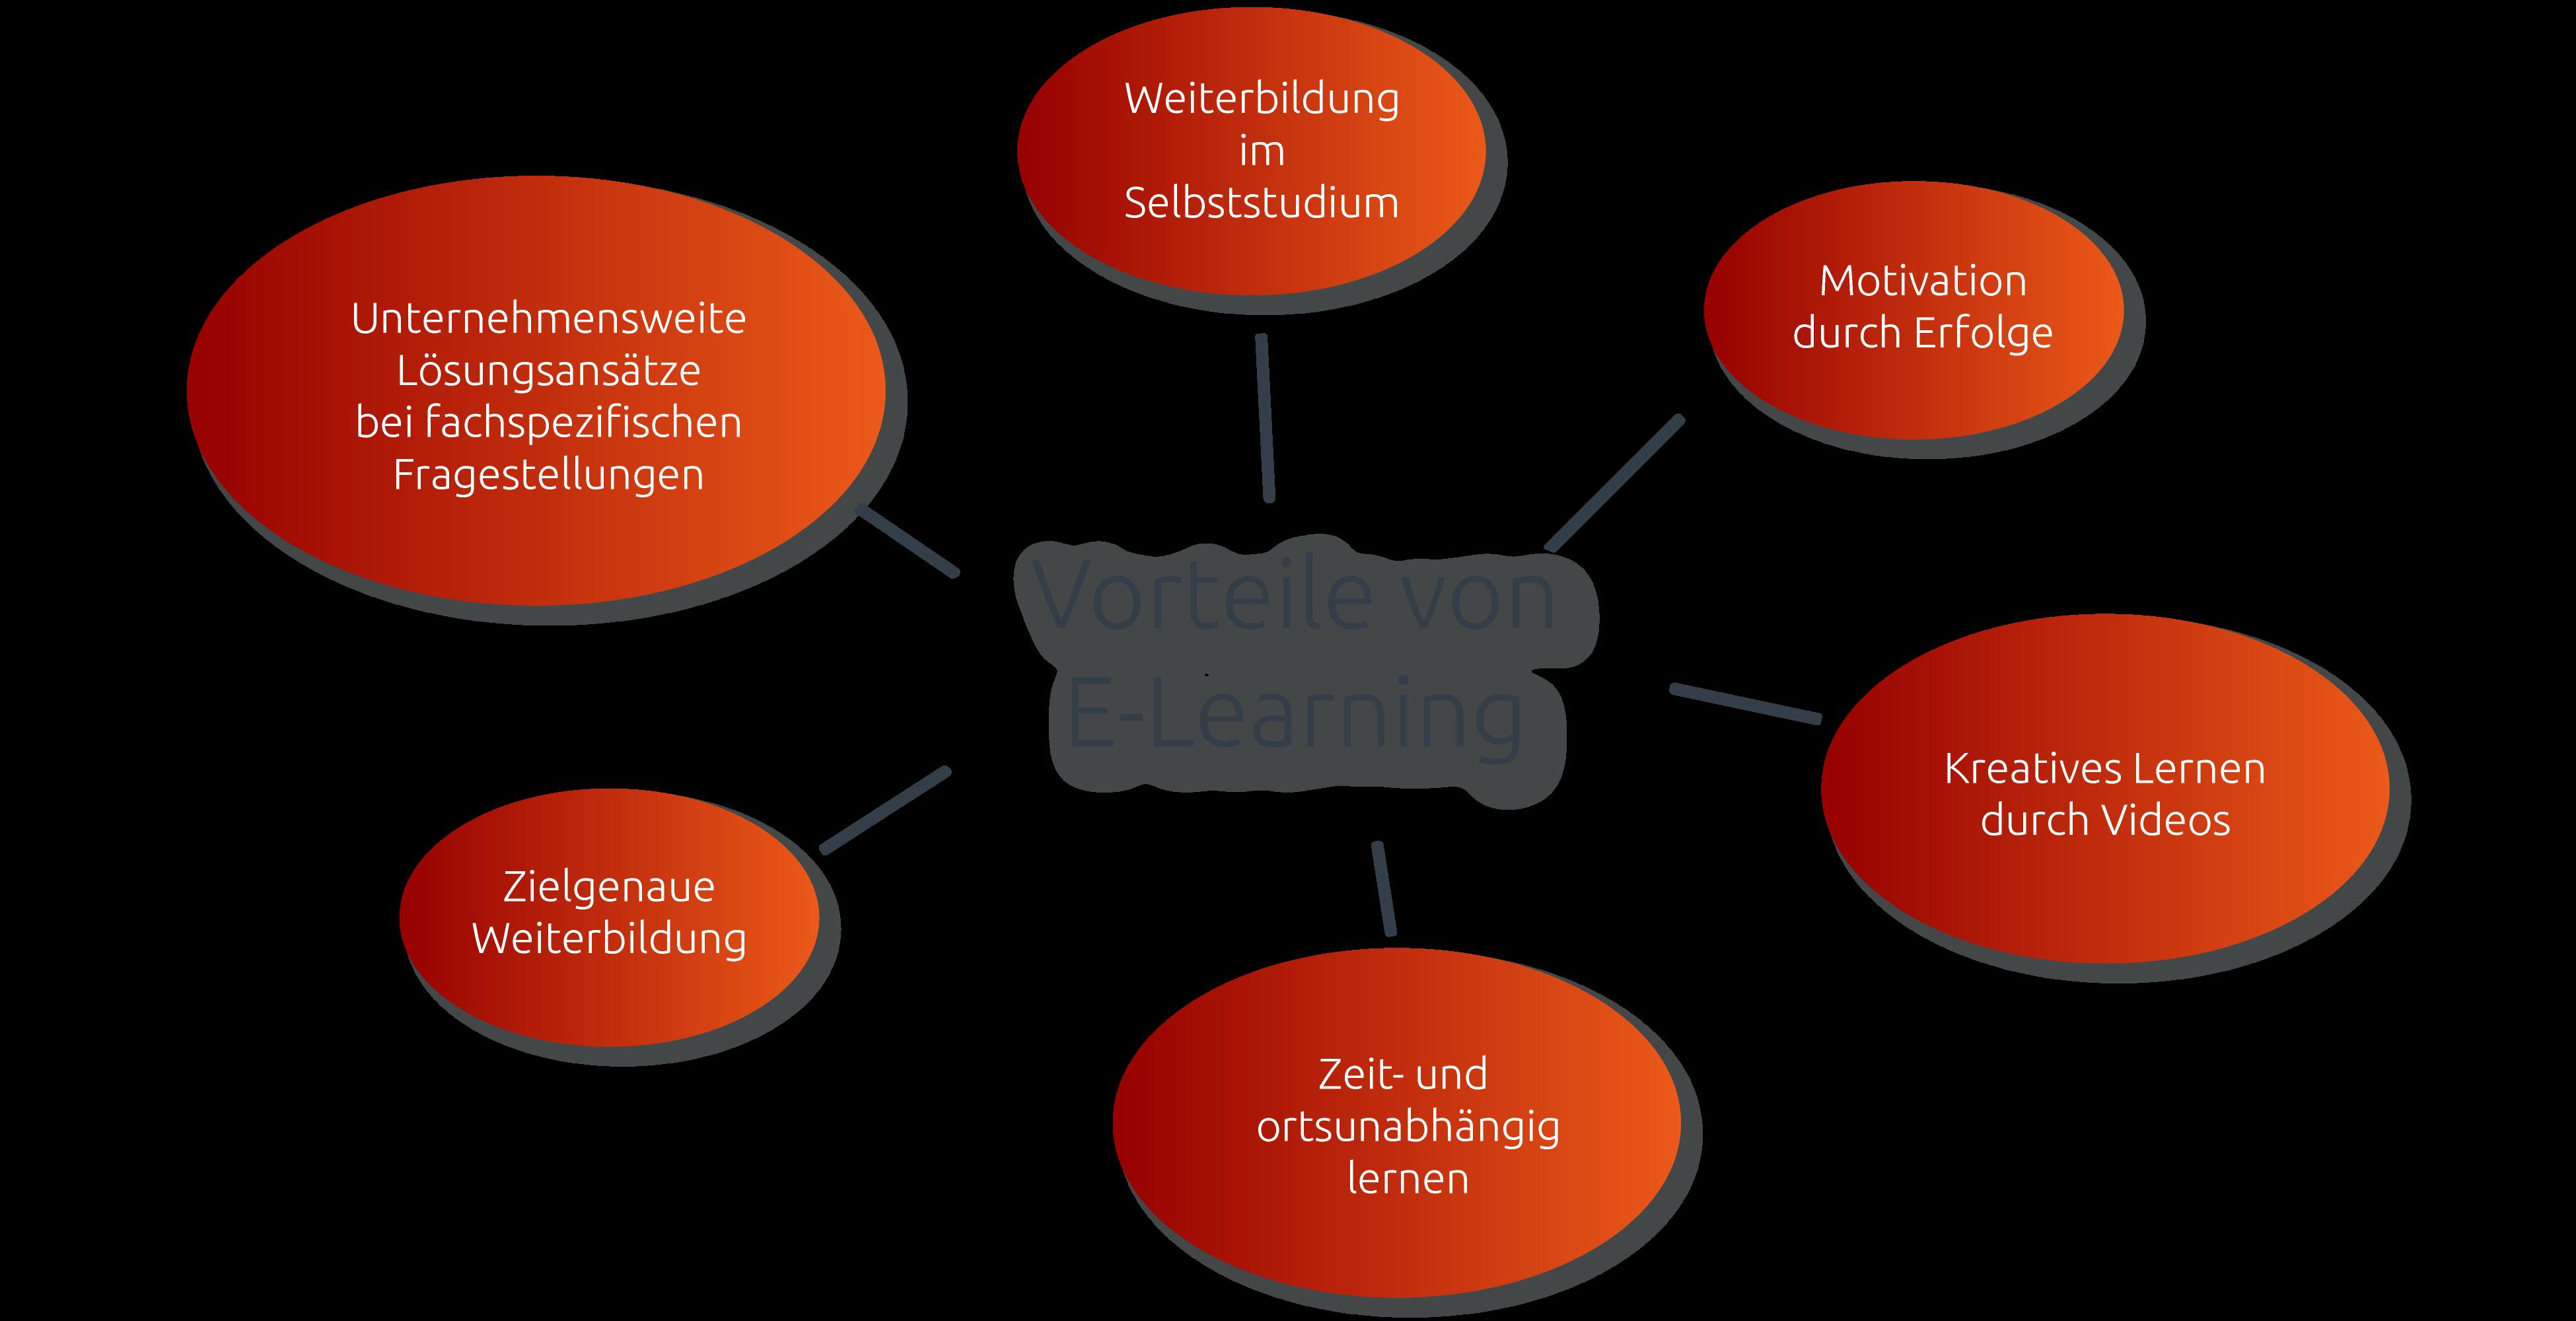 Wissensmanagement und damit E-Learning innerhalb des Digital Workplaces einzusetzen, bringt viele Vorteile mit sich: Selbststudium, Motivation, Zielgenauigkeit, Problemlösungen